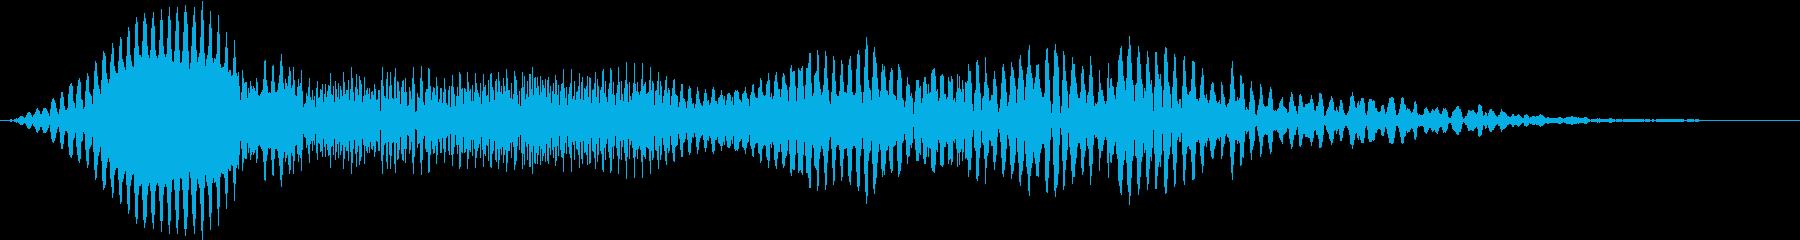 【生録音】カーッというカラスの鳴き声の再生済みの波形